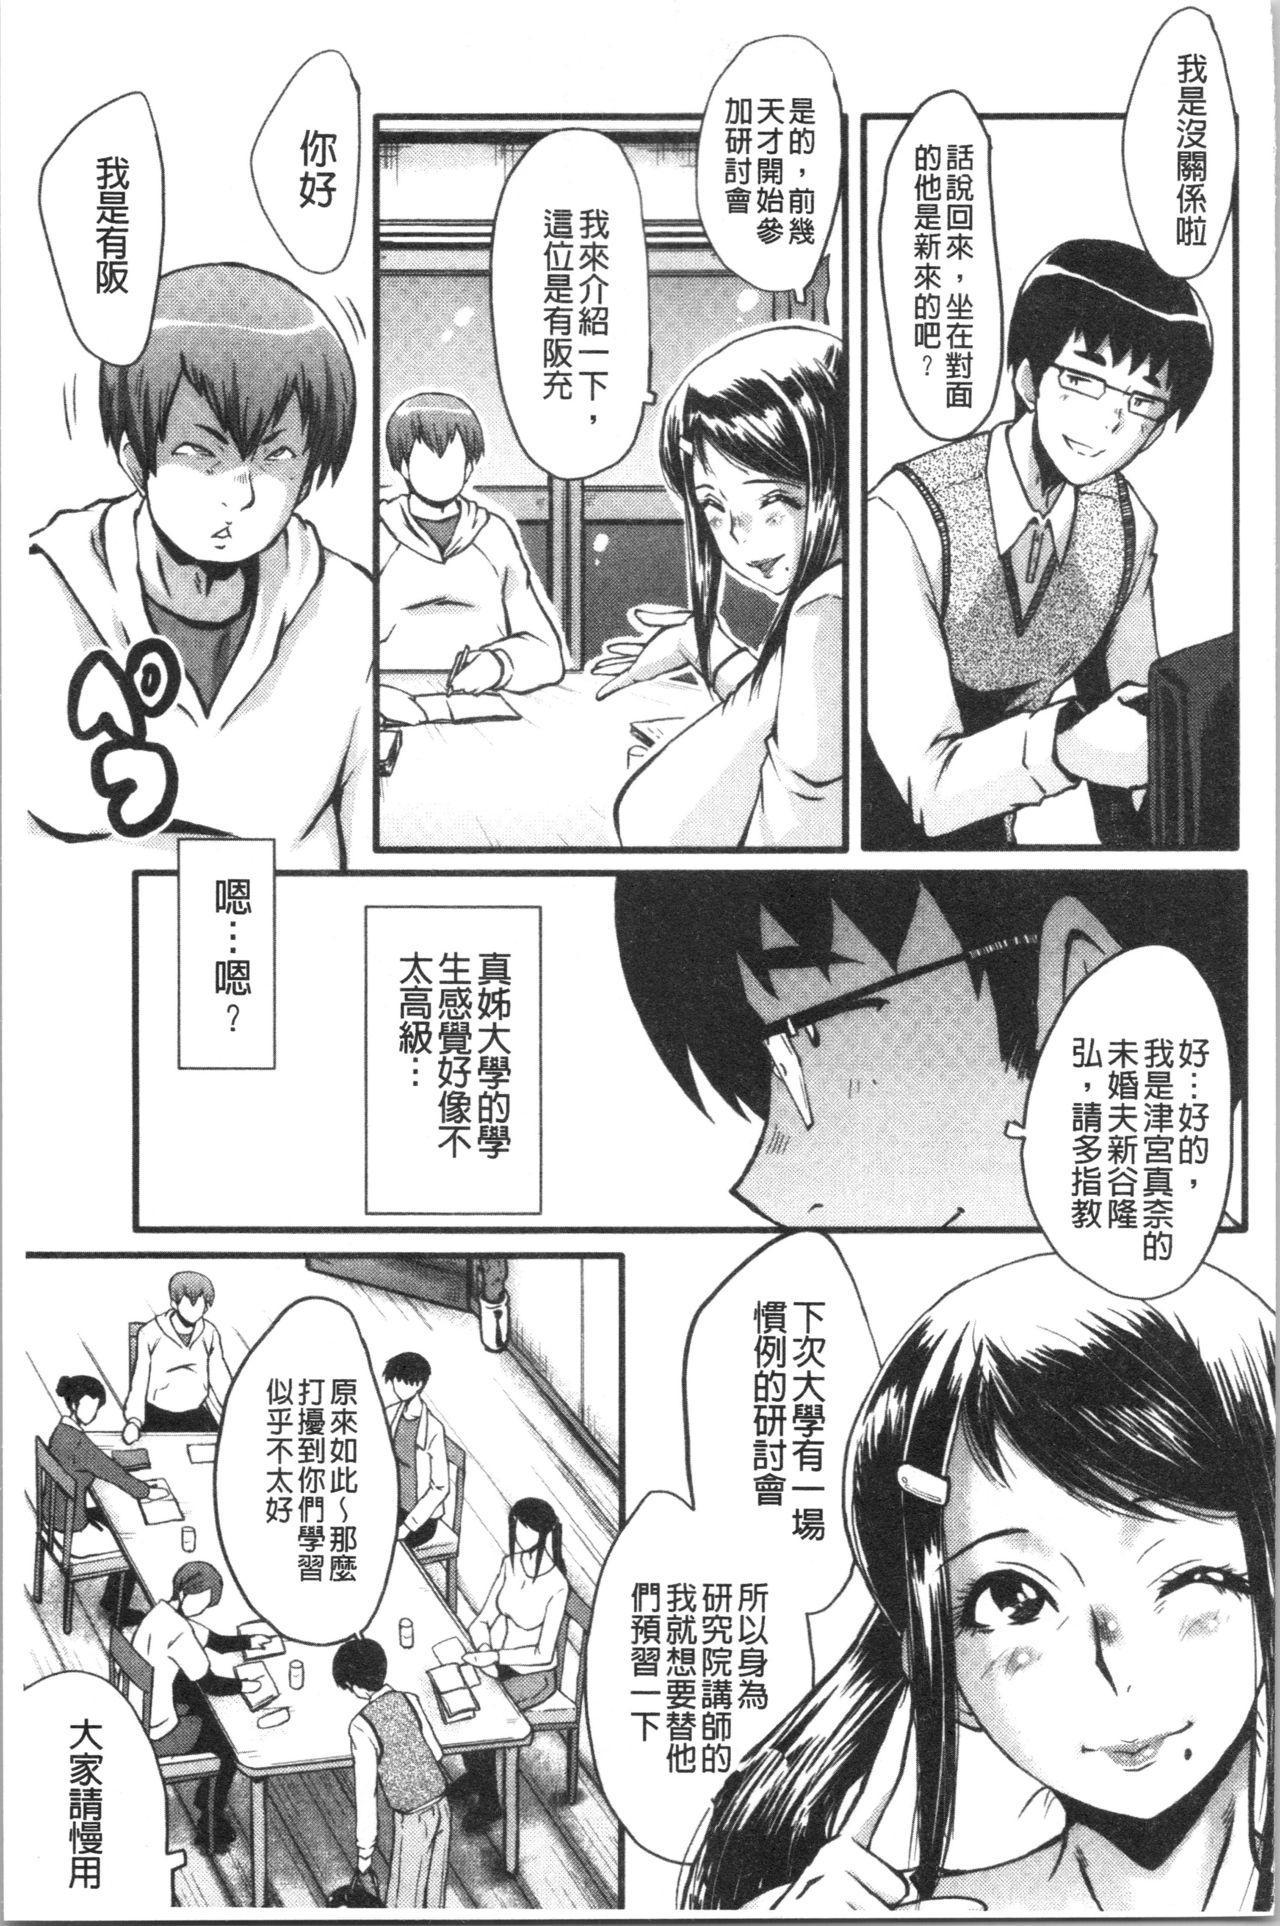 Bokuno Kanojo ga Kusogaki ni Netorareta Hanashi 6